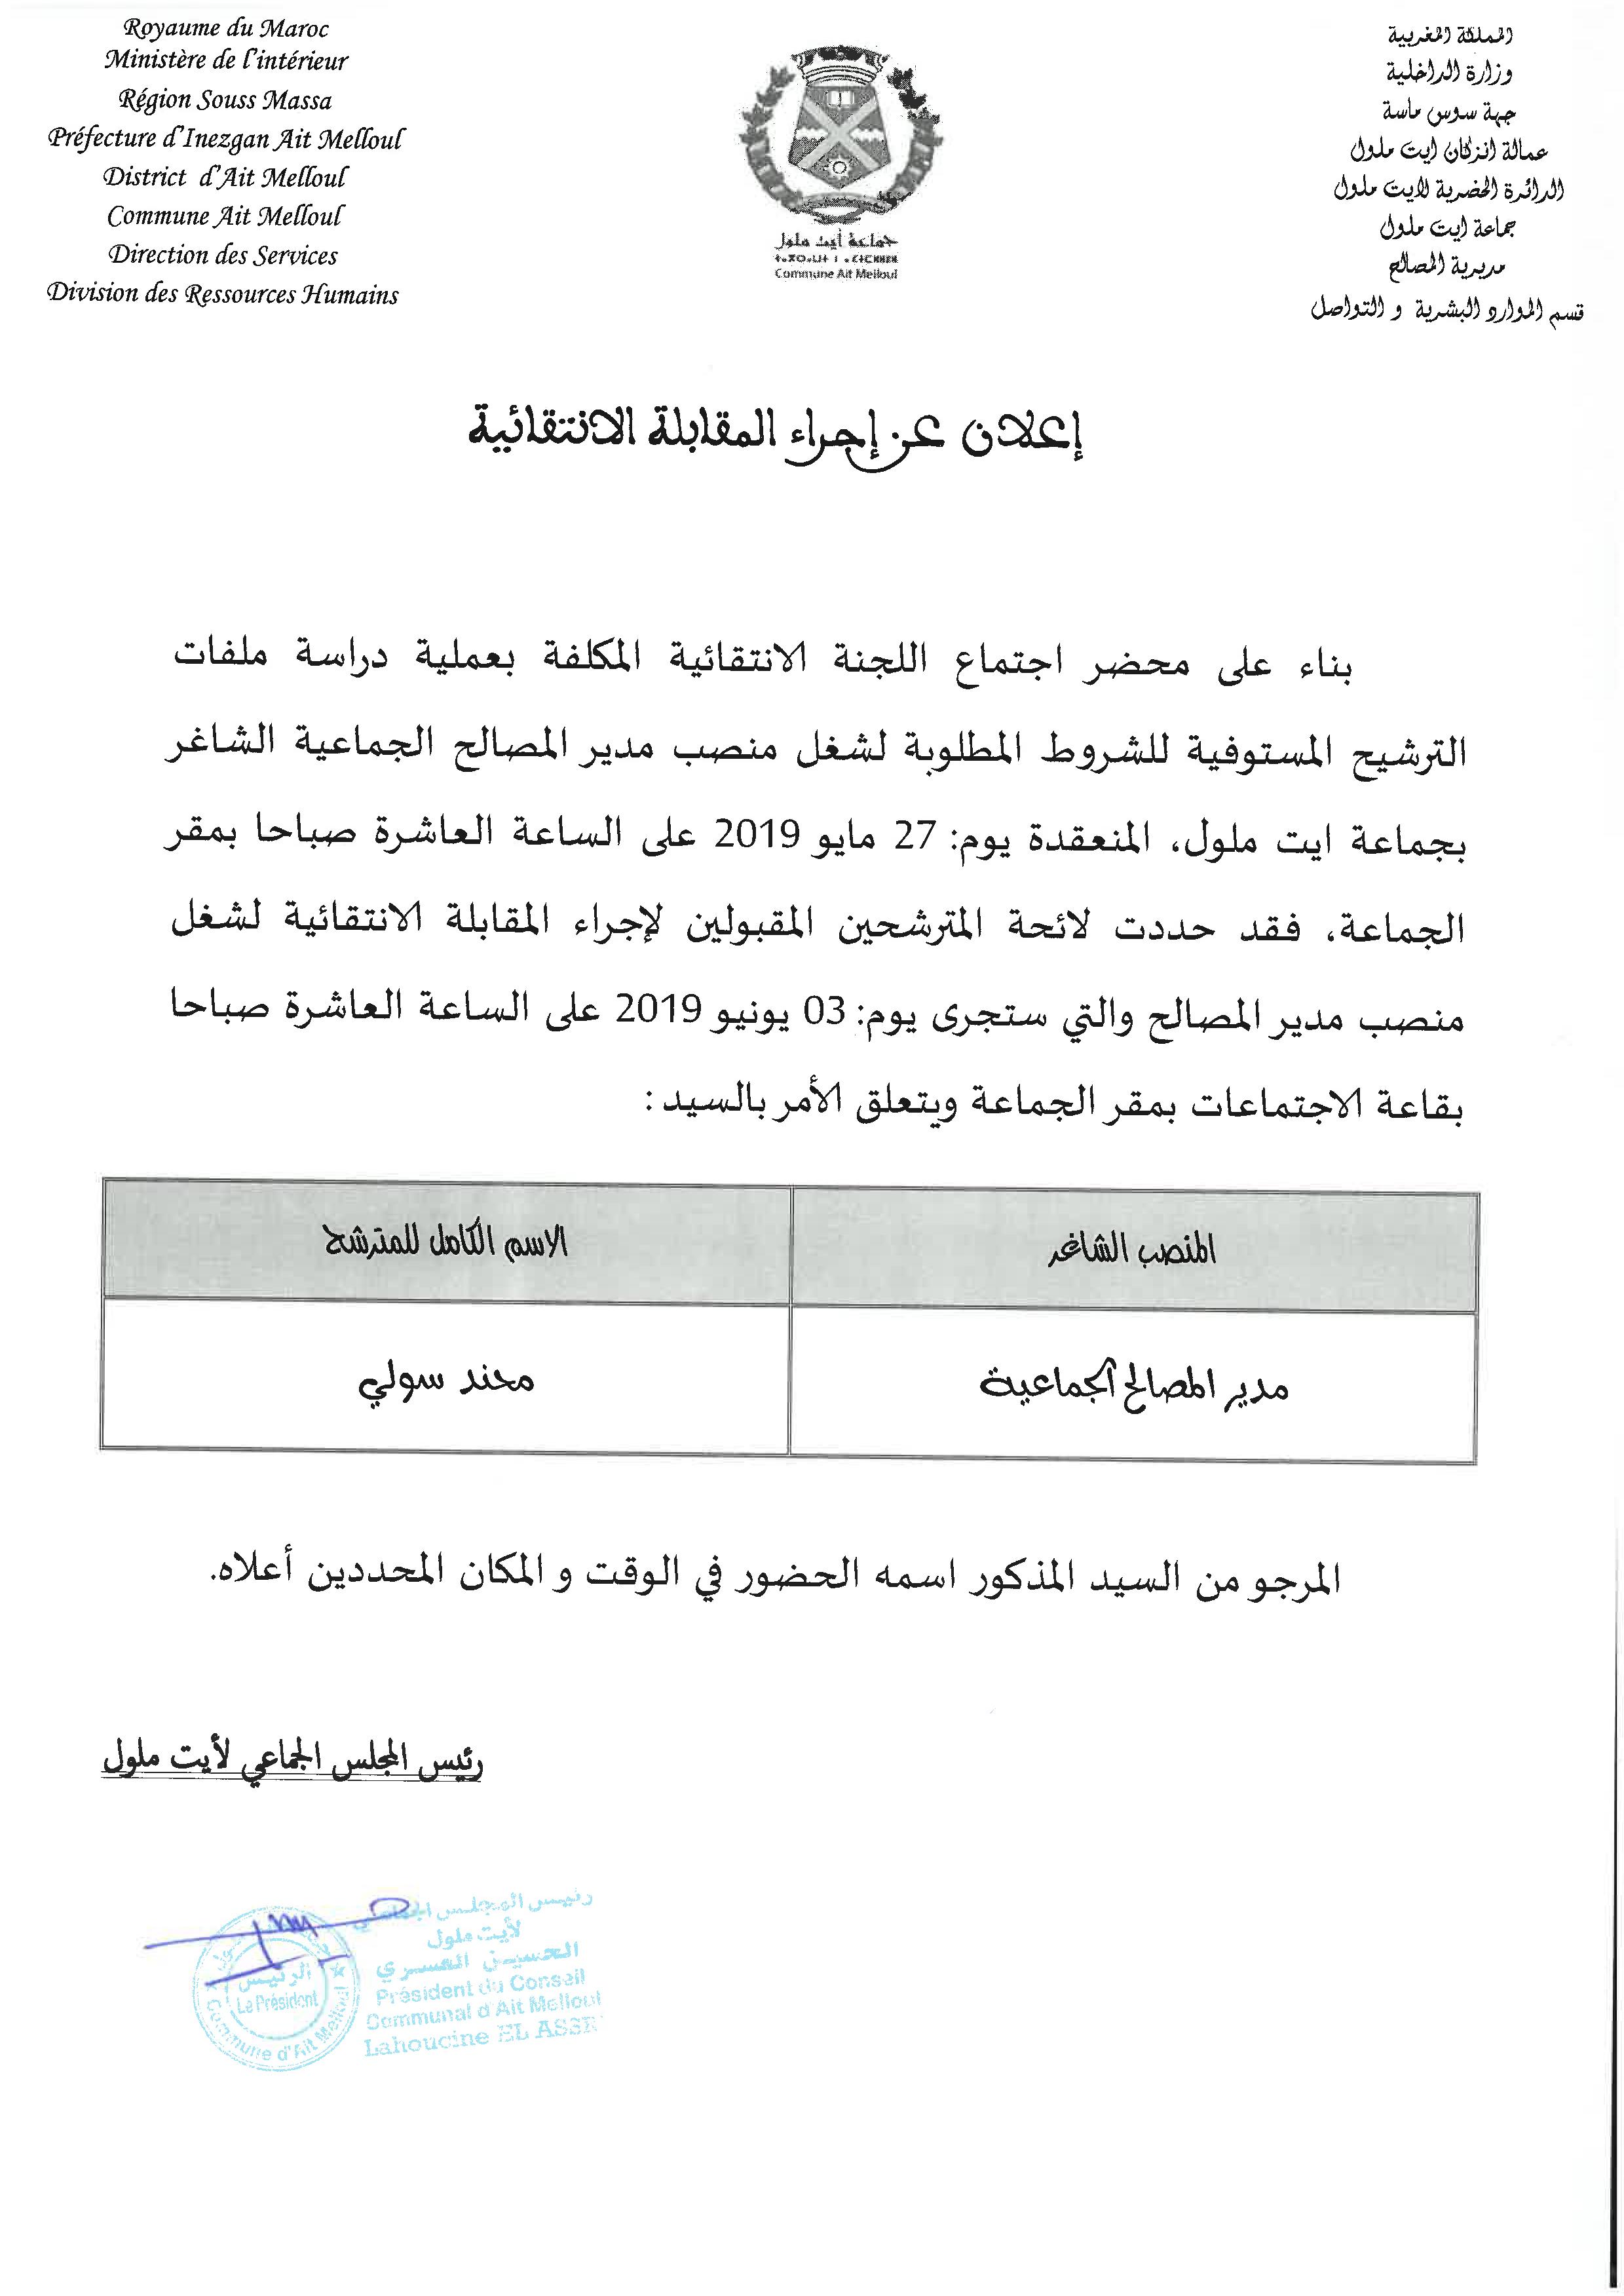 إعلان عن إجراء المباراة الإنتقائية لشغل منصب مدير المصالح الجماعية بجماعة أيت ملول